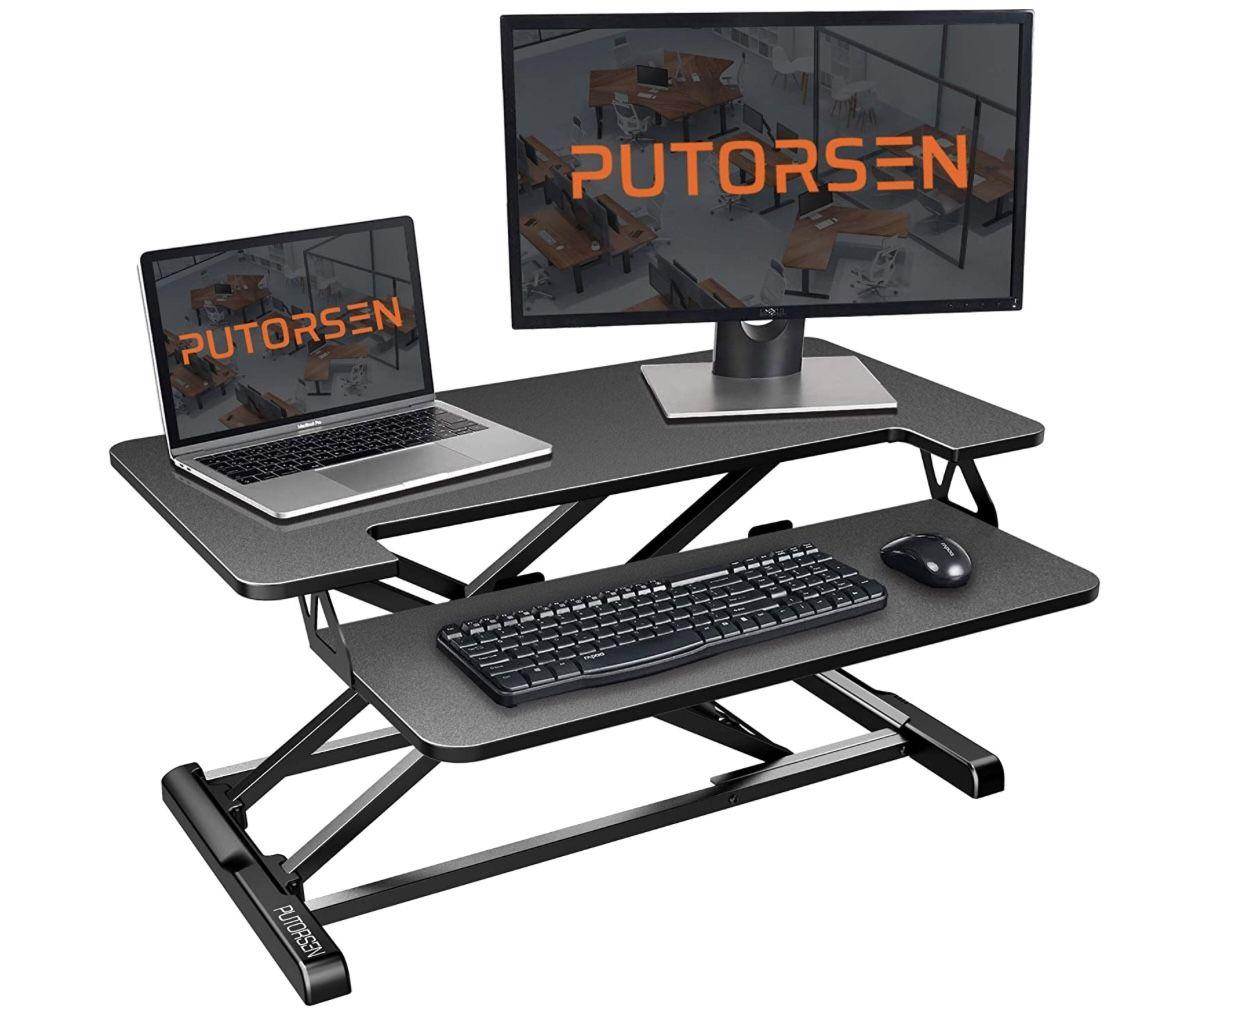 PUTORSEN Ergonomischer höhenverstellbarer Sitz-Steh-Arbeitsplatz für 49,93€ (statt 100€)